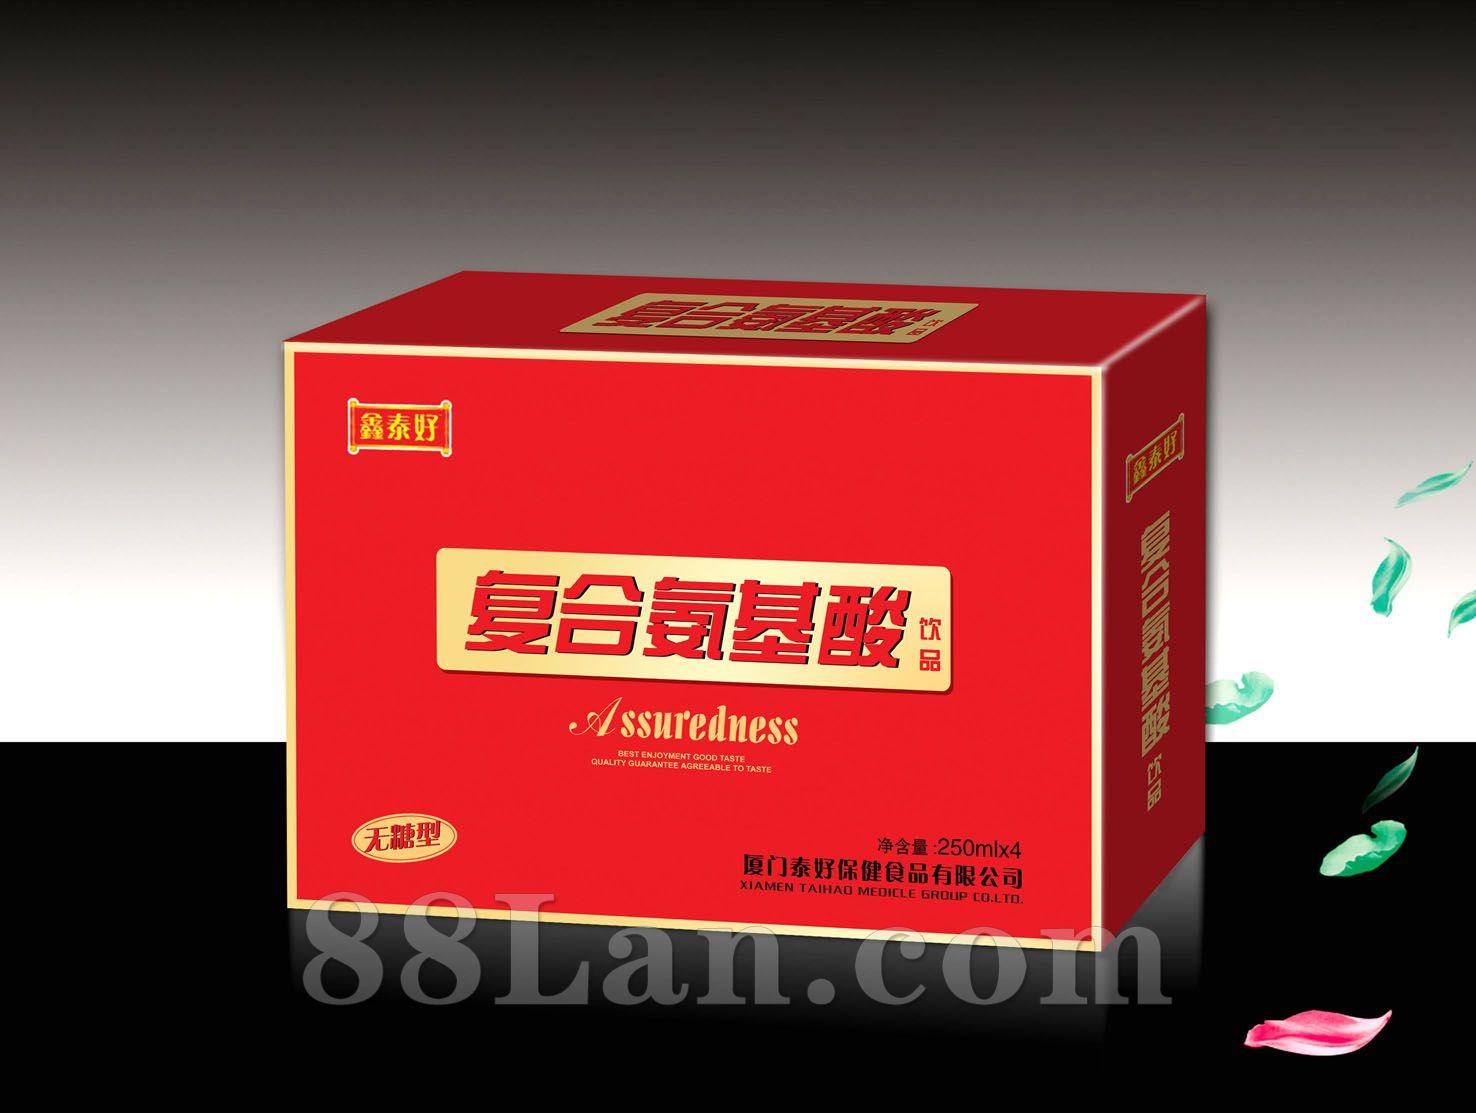 氨基酸饮品―礼盒系列